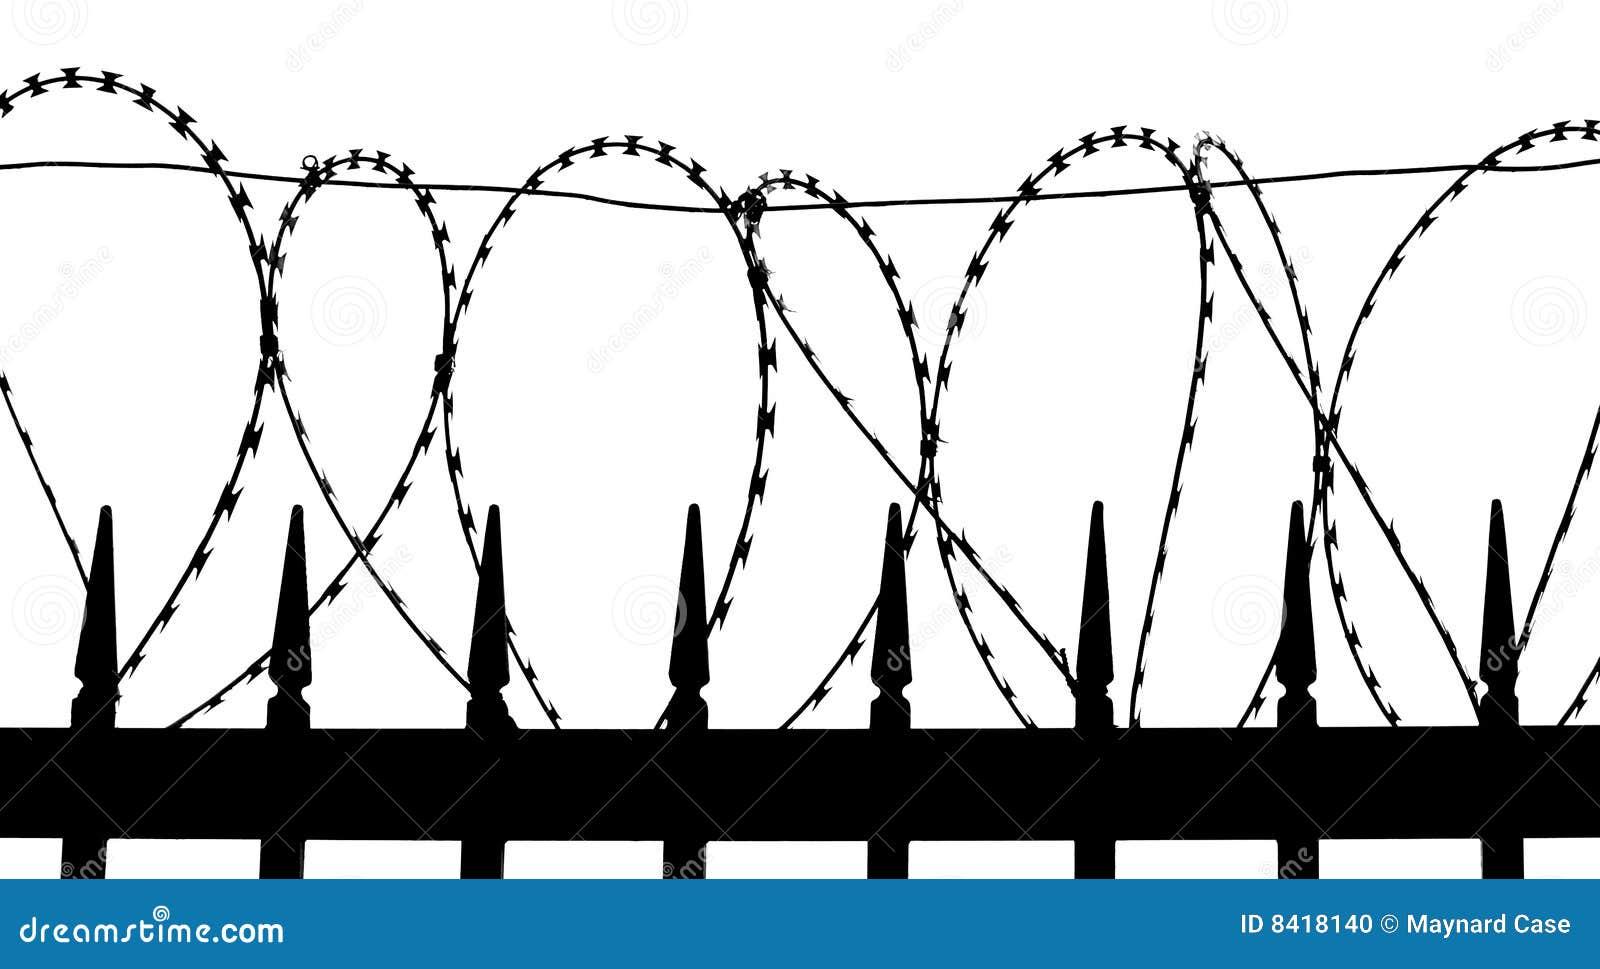 Enchanting Razor Wire Wiki Illustration - Wiring Schematics and ...